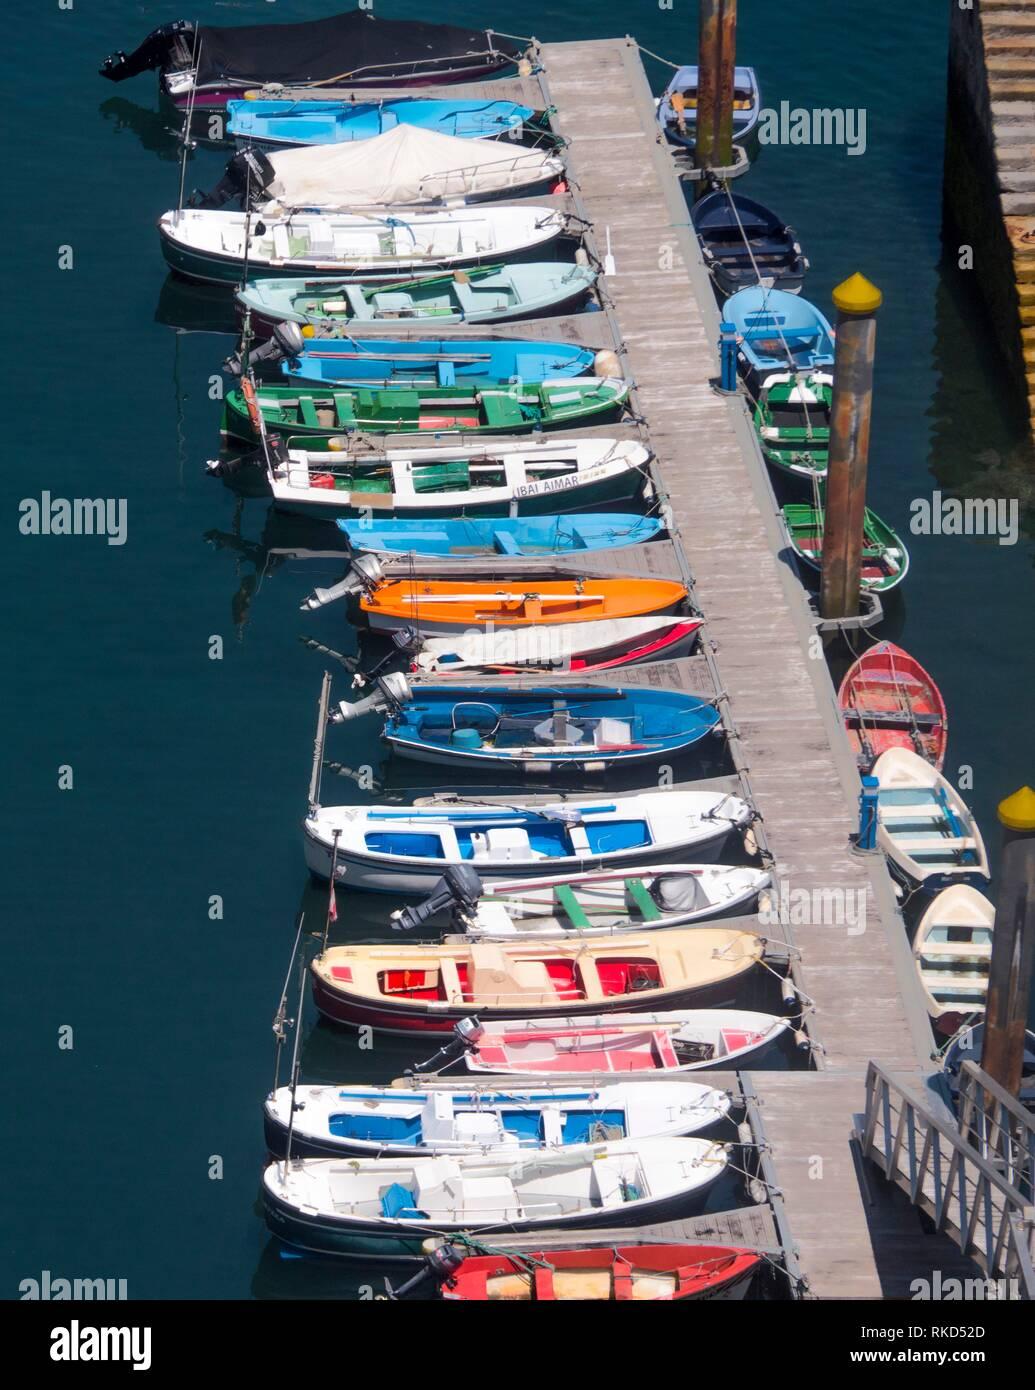 Spanien, Baskenland, Biskaya, Dorf des kleinen Fischer von Elantxobe. Elantxobe ist eine Gemeinde in der Provinz Biskaya, in Stockbild